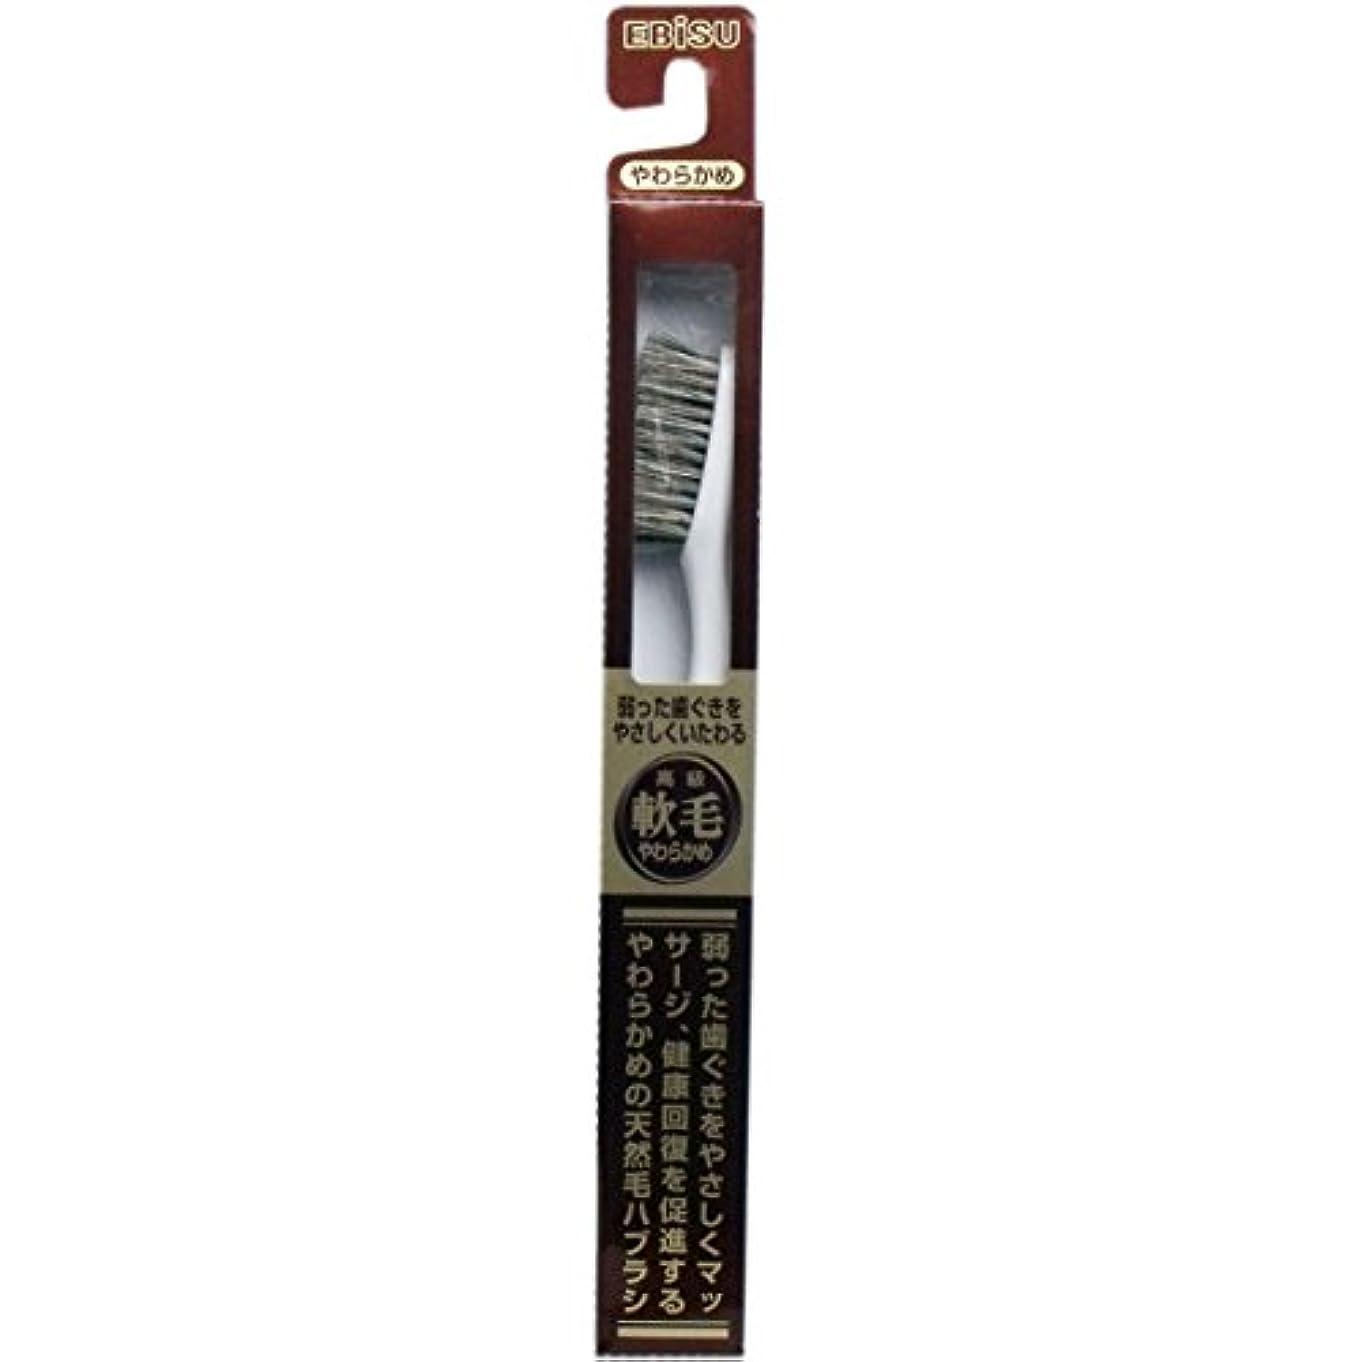 場合自治キッチン【エビス】天然毛軟毛歯ブラシ 500 やわらかめ 1本 ×5個セット